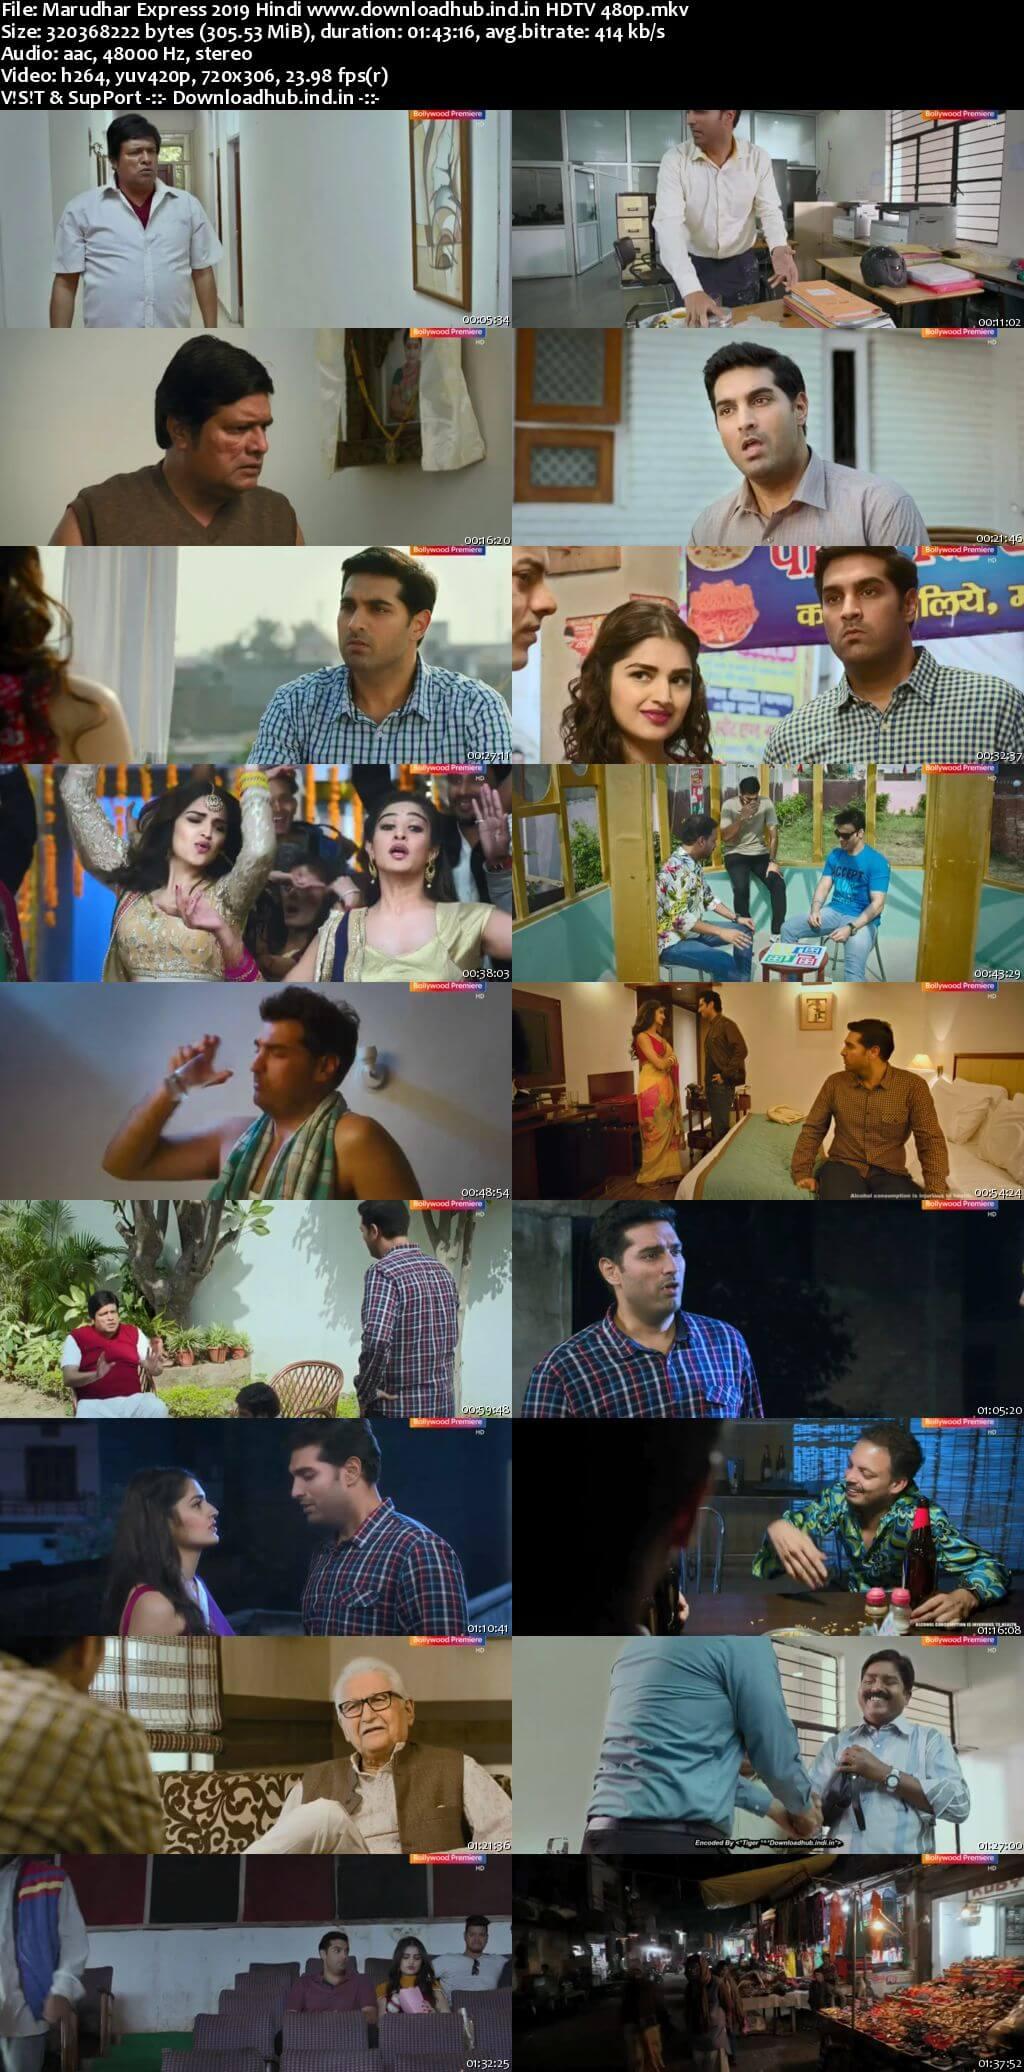 Marudhar Express 2019 Hindi 300MB HDTV 480p